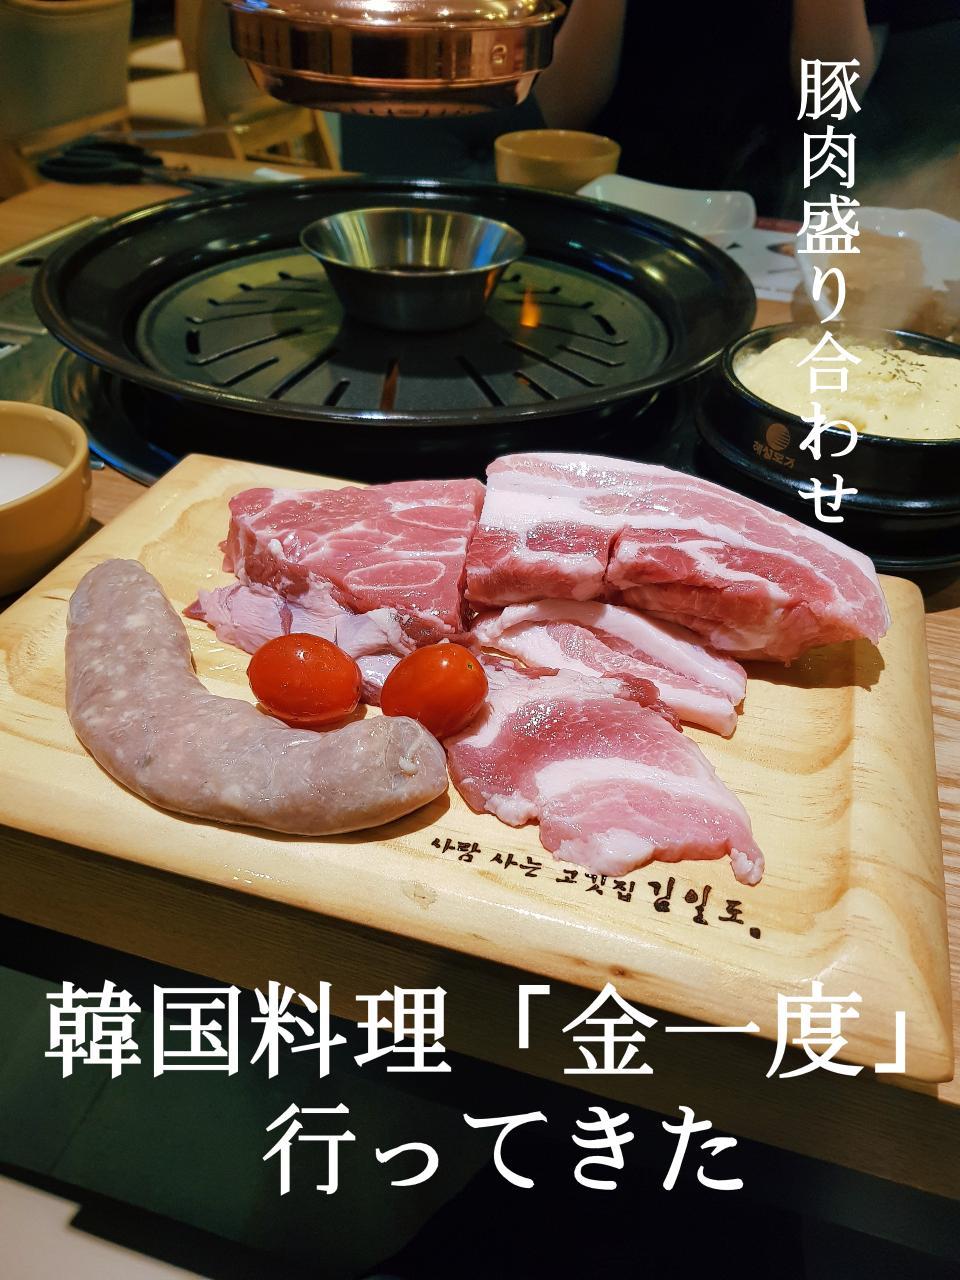 シンガポール韓国BBQ ハロアジ